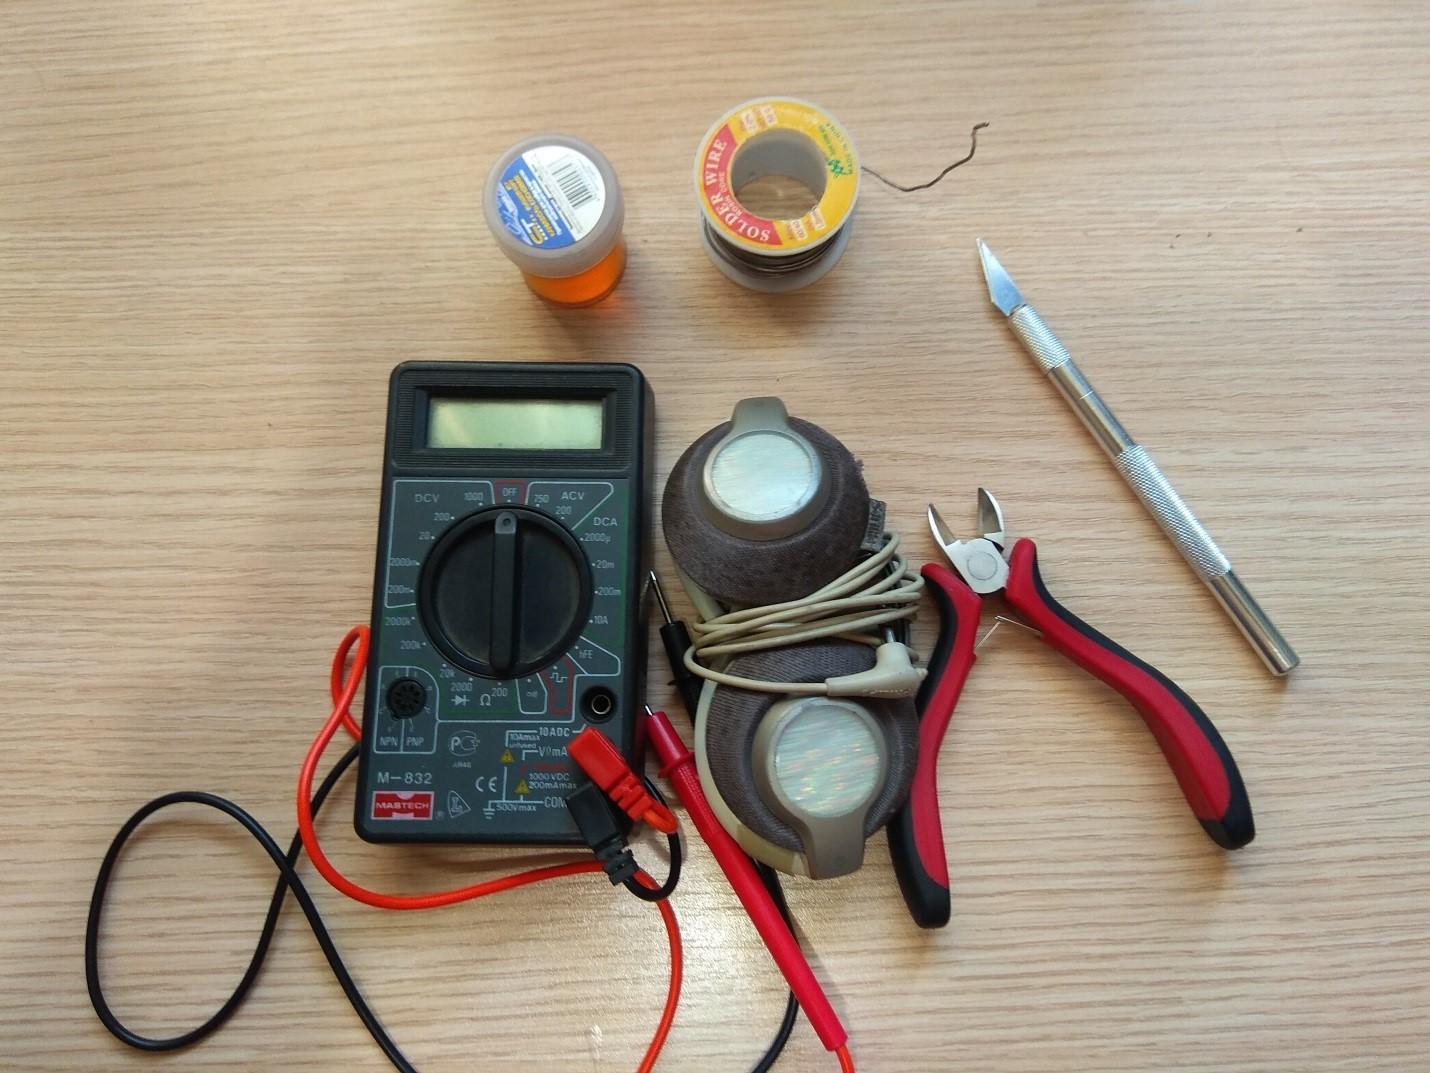 Что делать, если наушники порвались: самостоятельное спаивание проводов